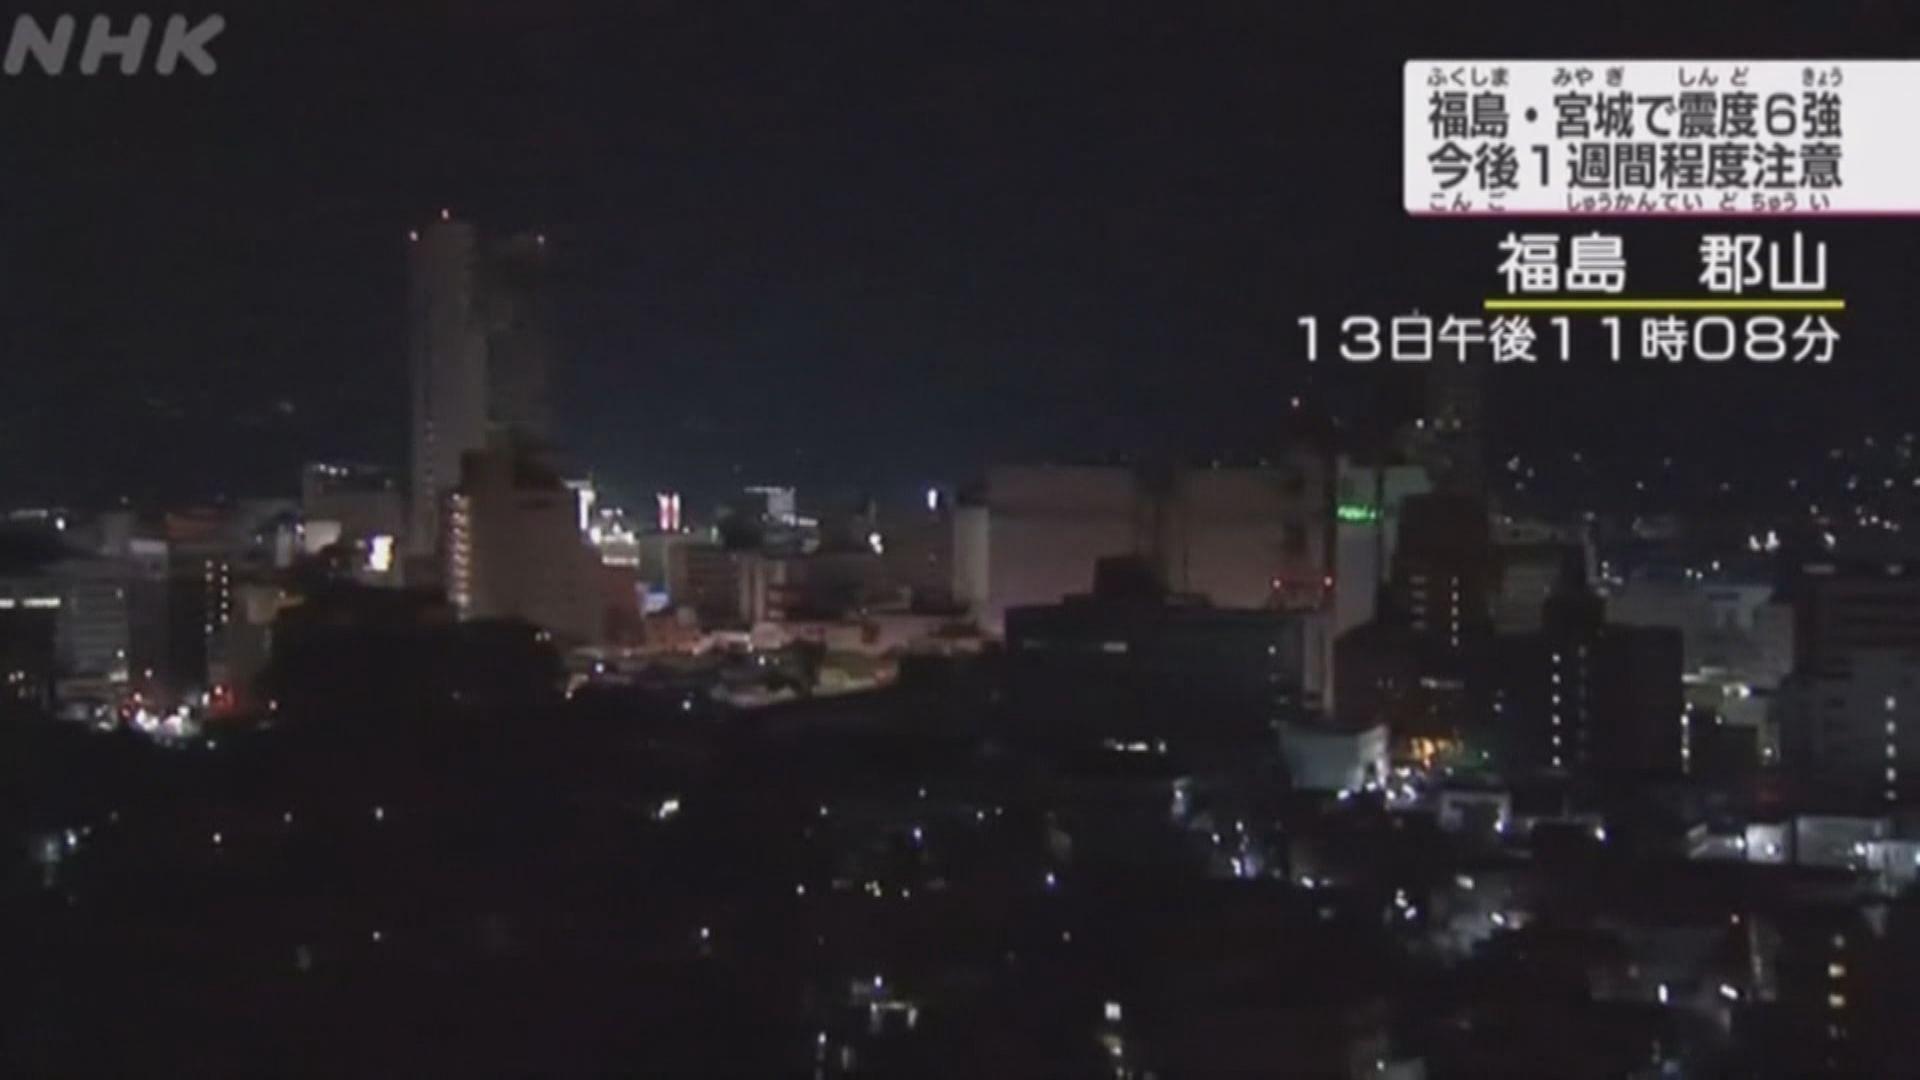 日本福島對開海域7.3級地震 氣象廳:不排除地震為311大地震餘震